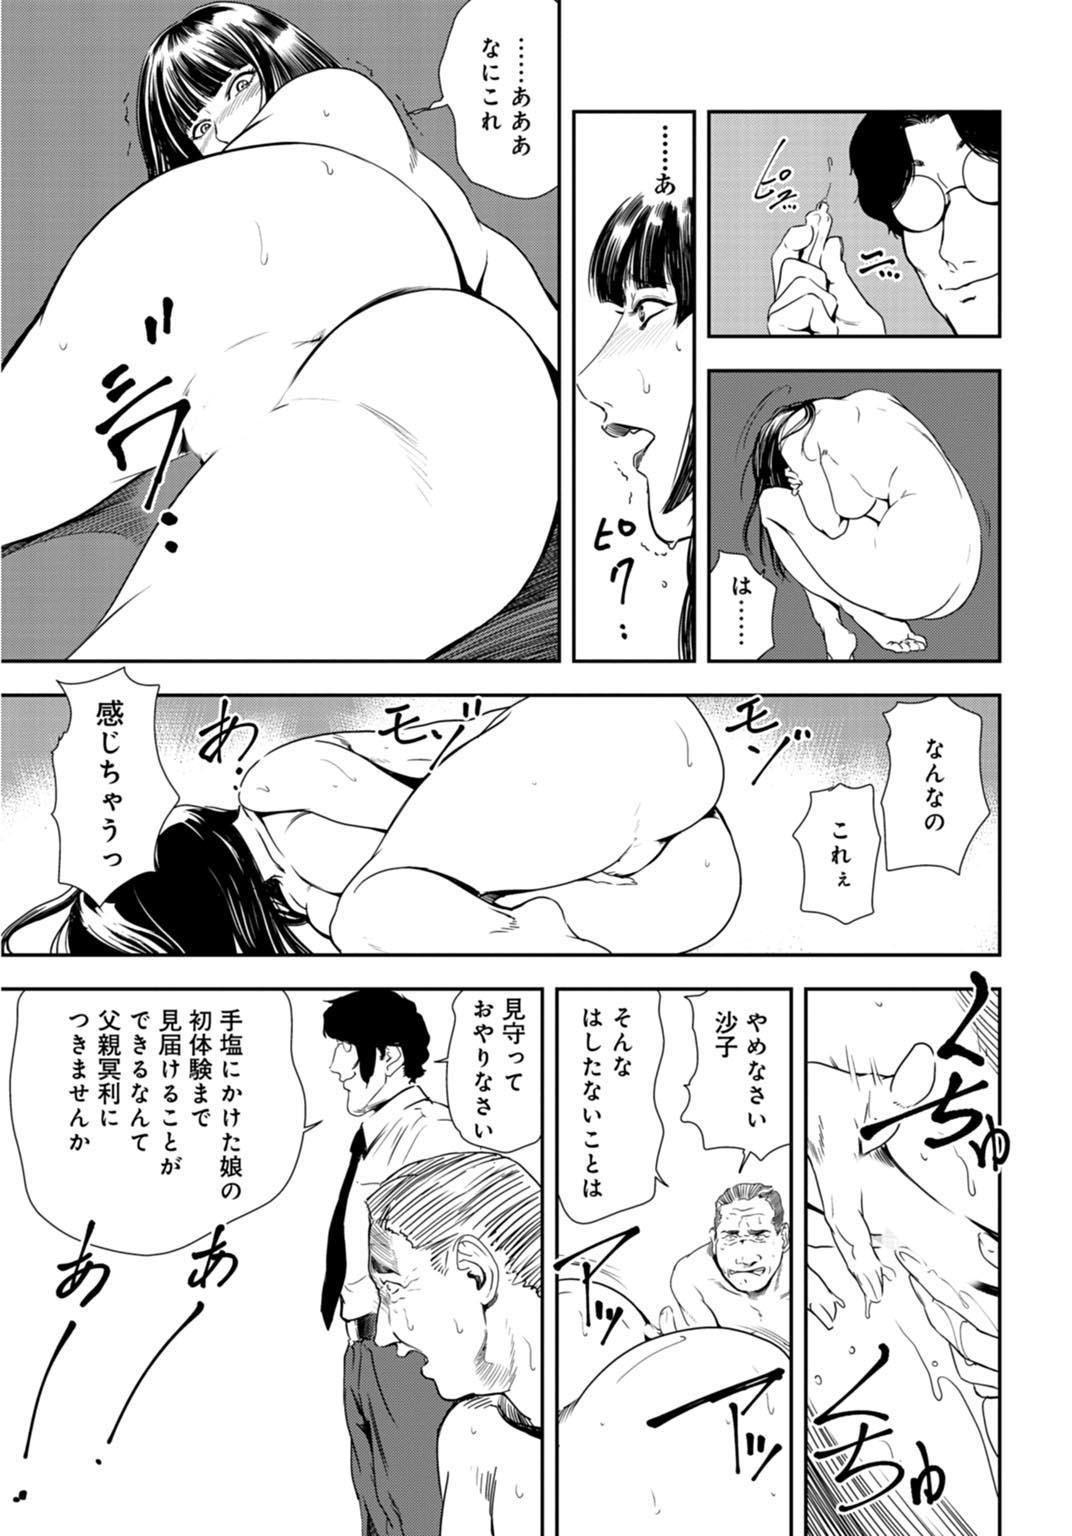 Nikuhisyo Yukiko 26 93